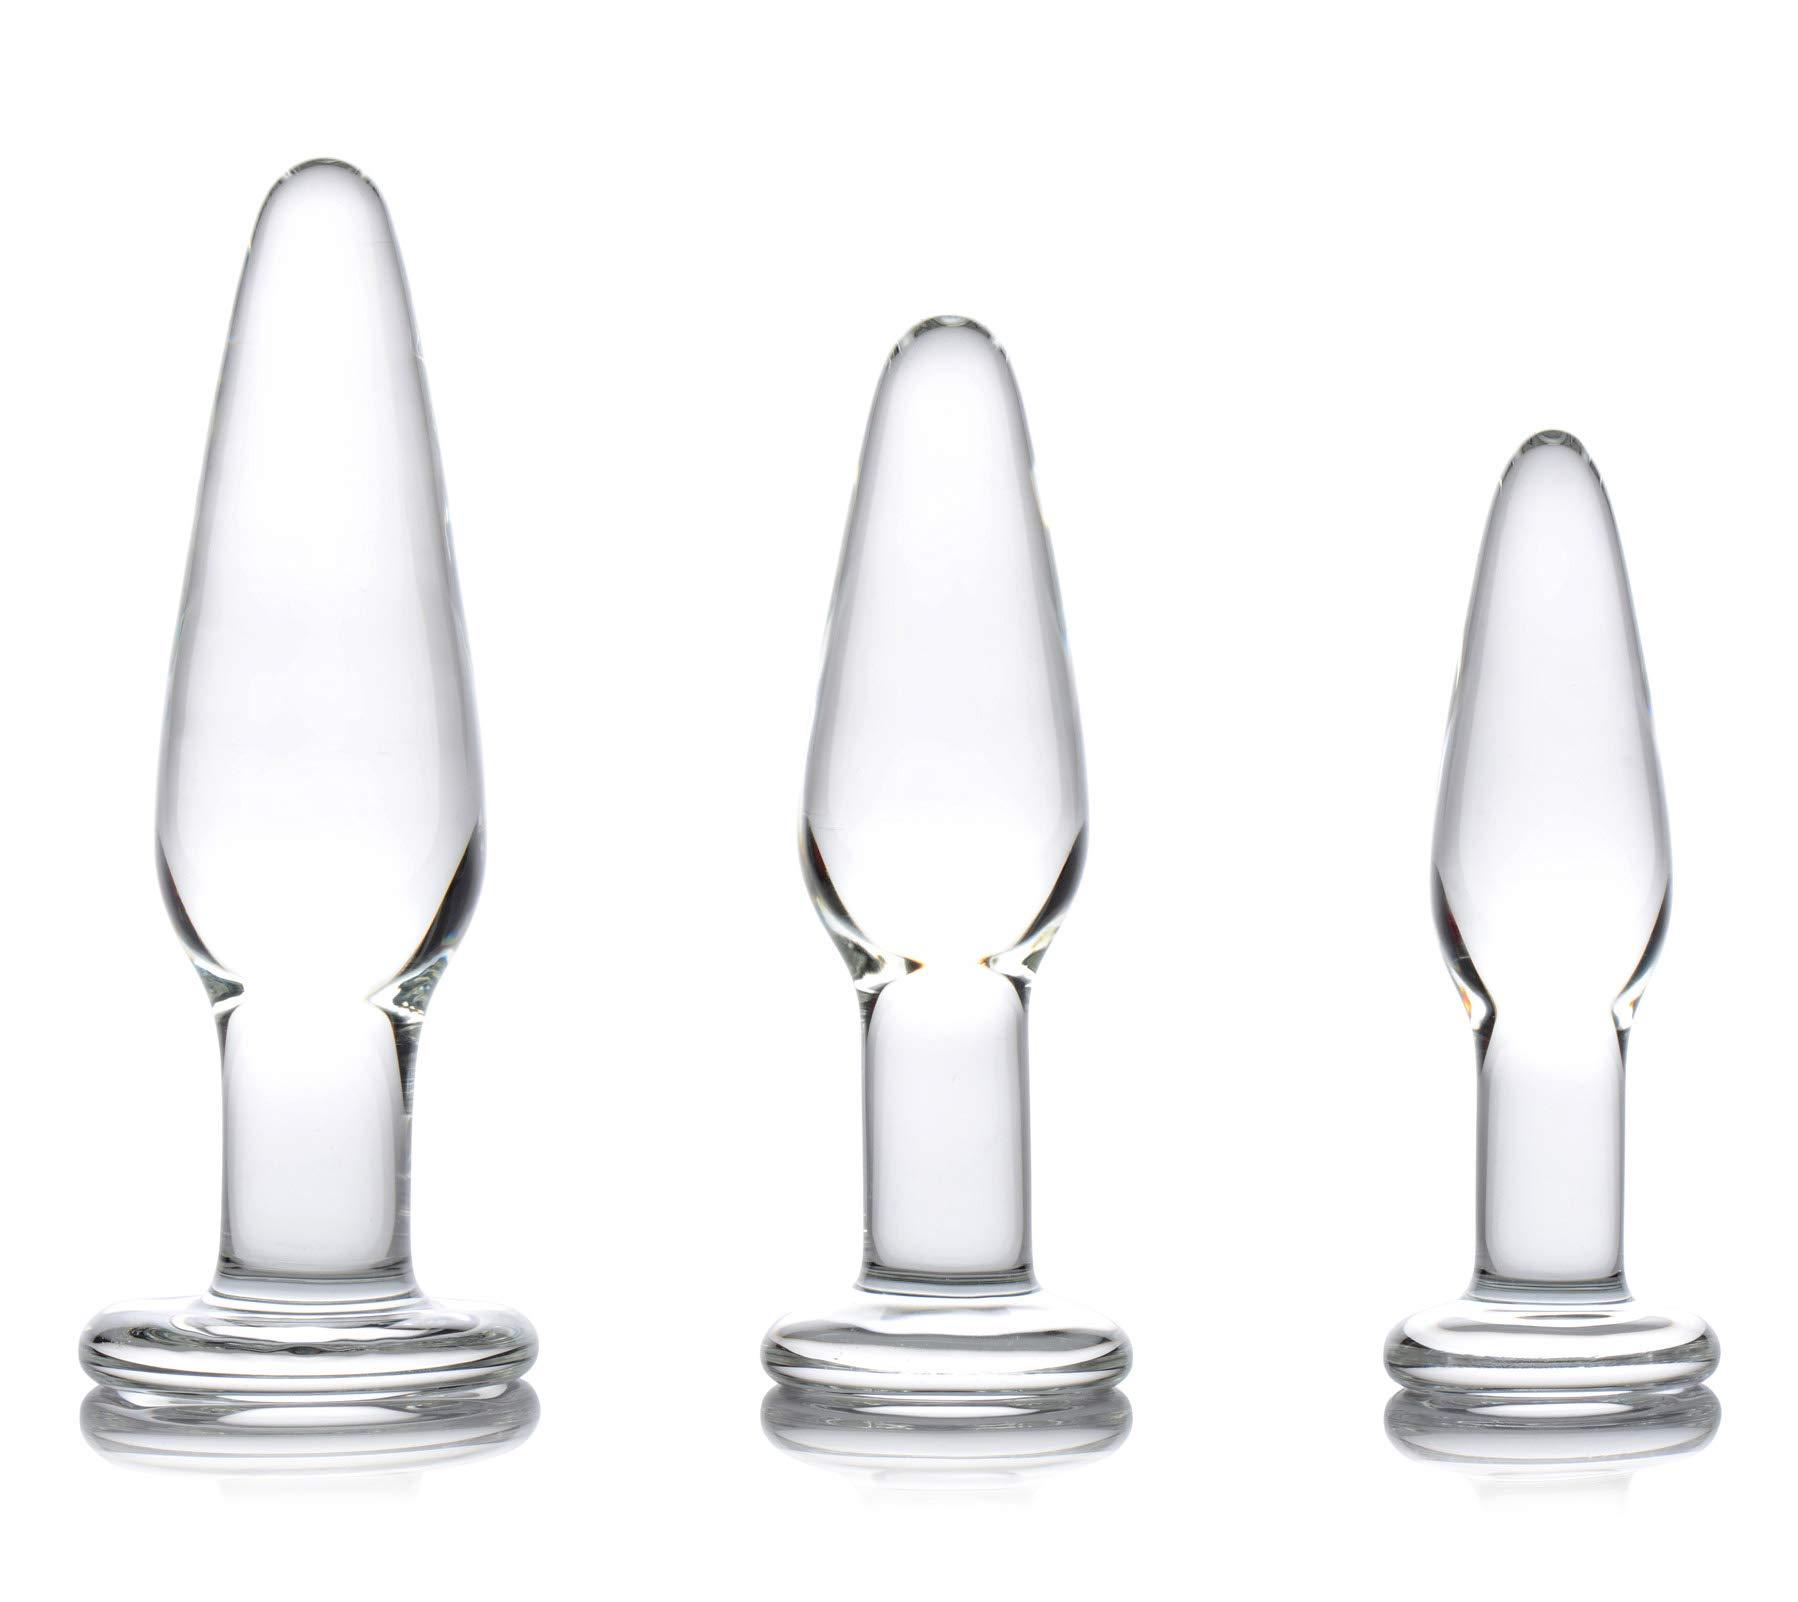 Dosha 3 Piece Glass Anal Plug Kit by PRISMS